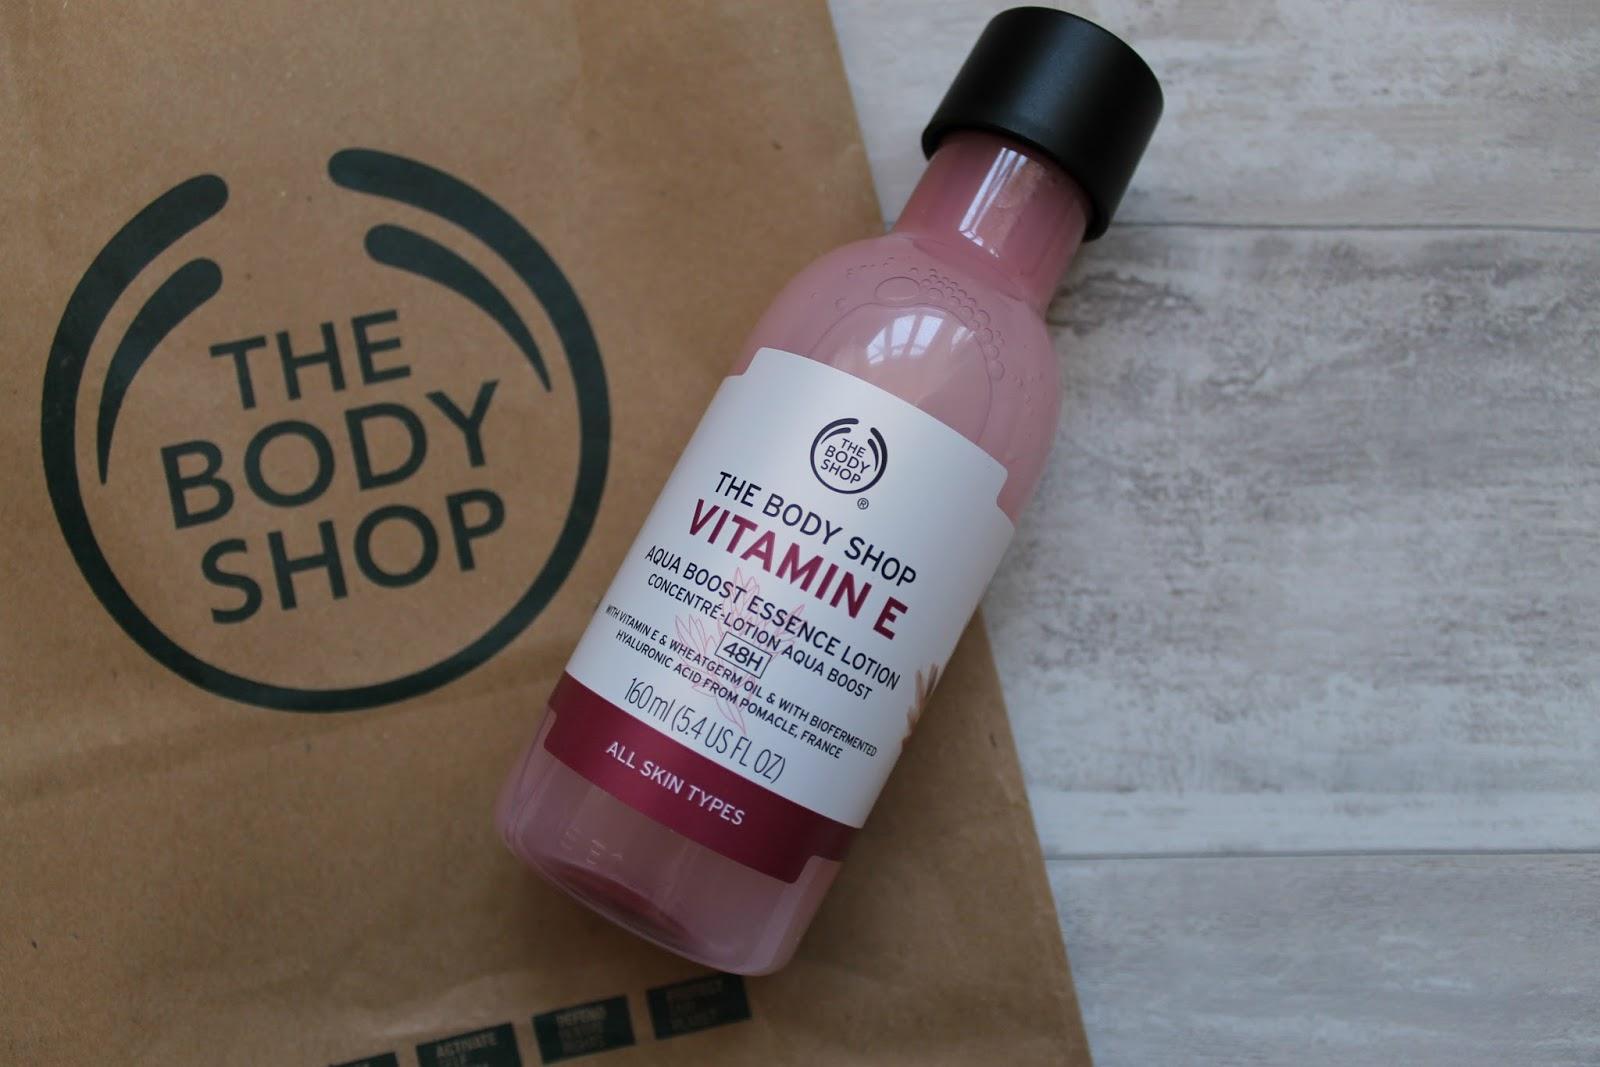 The Body Shop Vitamin E Aqua Boost Essence